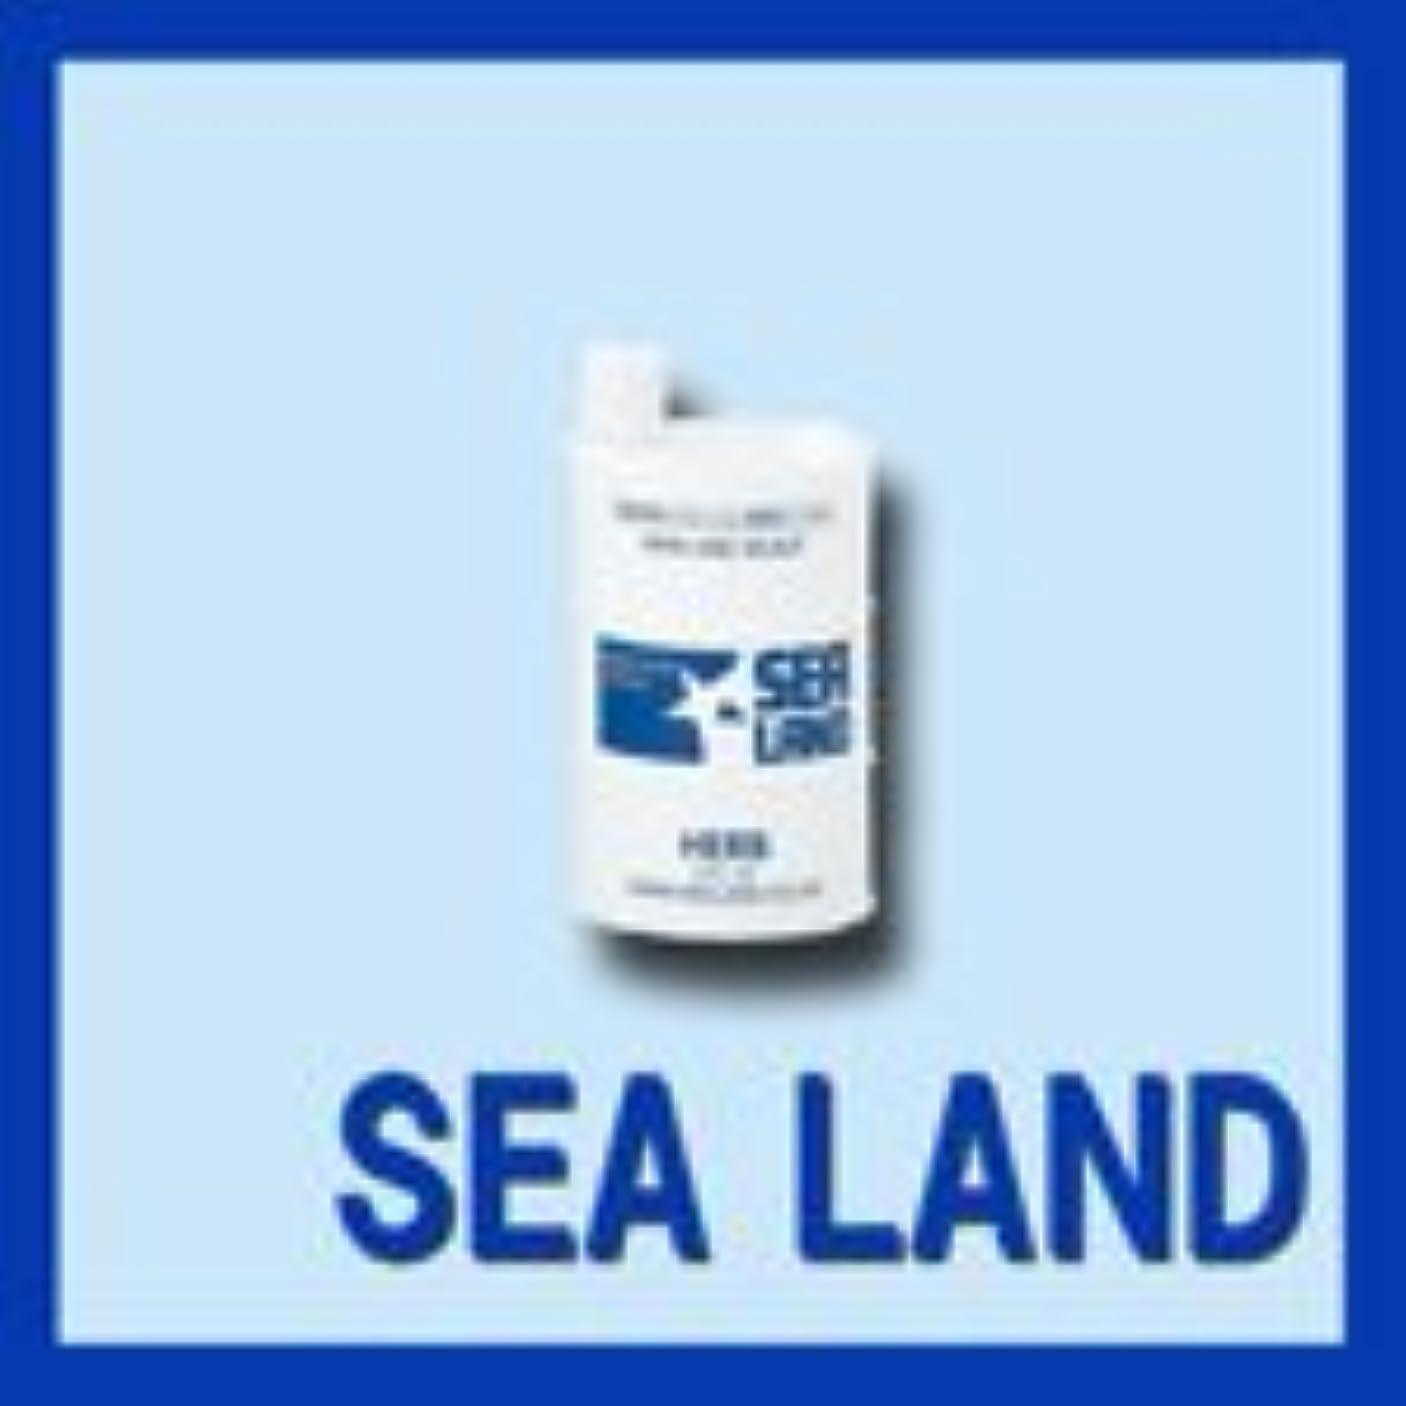 記述する絡み合い甘いSEA LAND シーランド 薬用ローション 1000ml (ファミリードラム) ハーブバランス